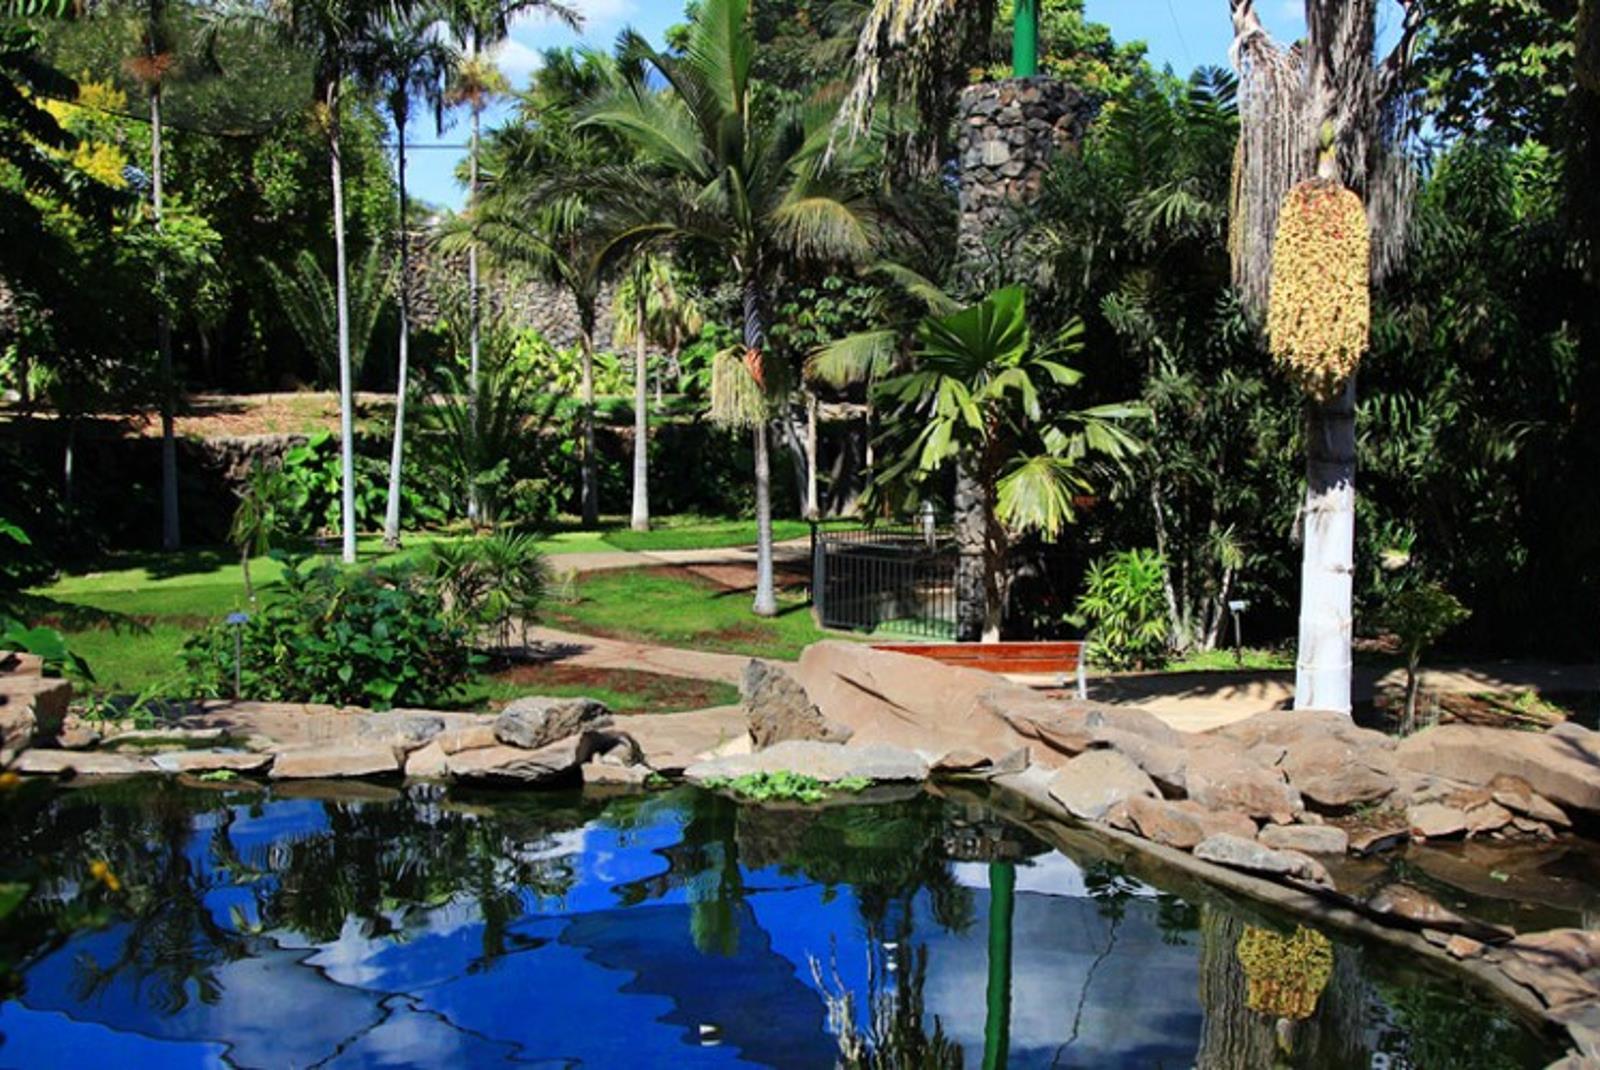 Visita-Jardin-Botanico-Palmetum-1